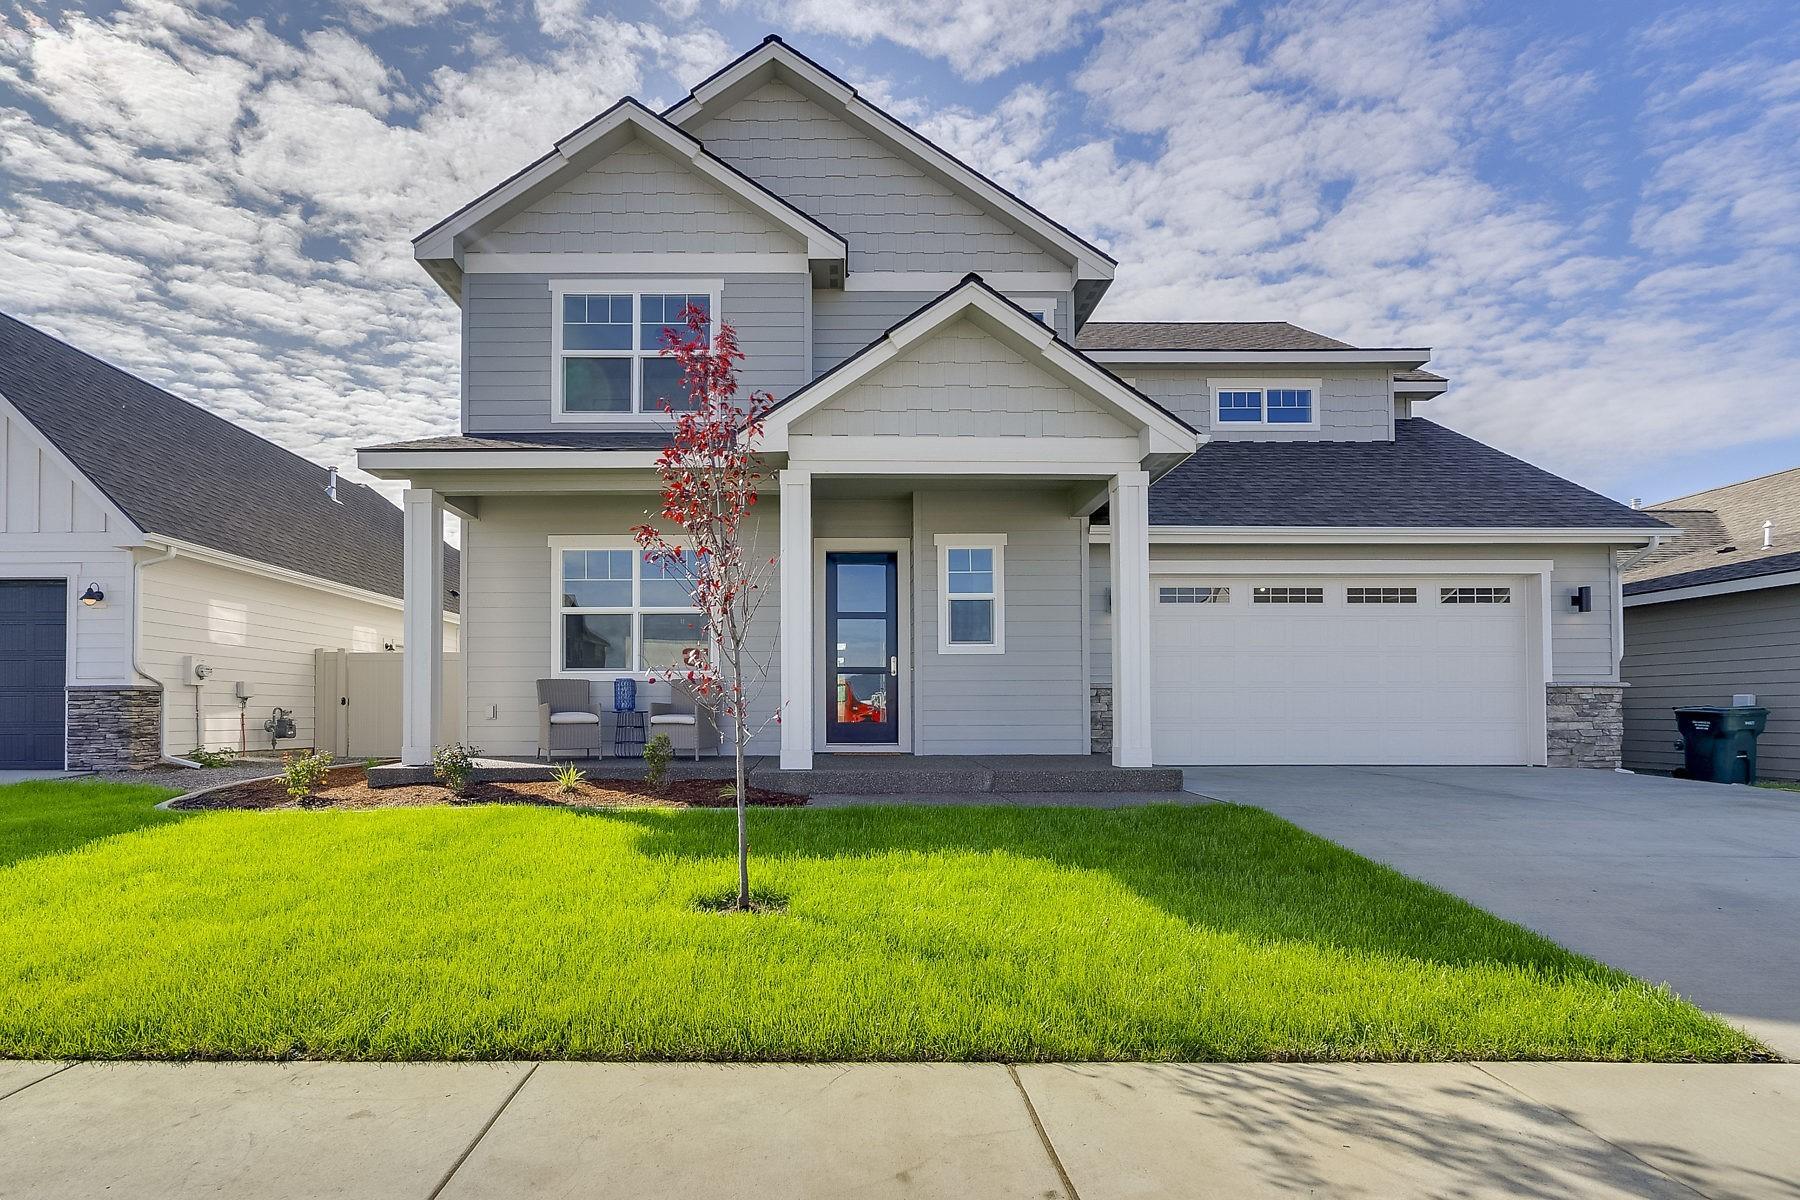 Single Family Homes für Verkauf beim 2908 N Cyprus Fox Lp, Post Falls, Idaho 83854 Vereinigte Staaten